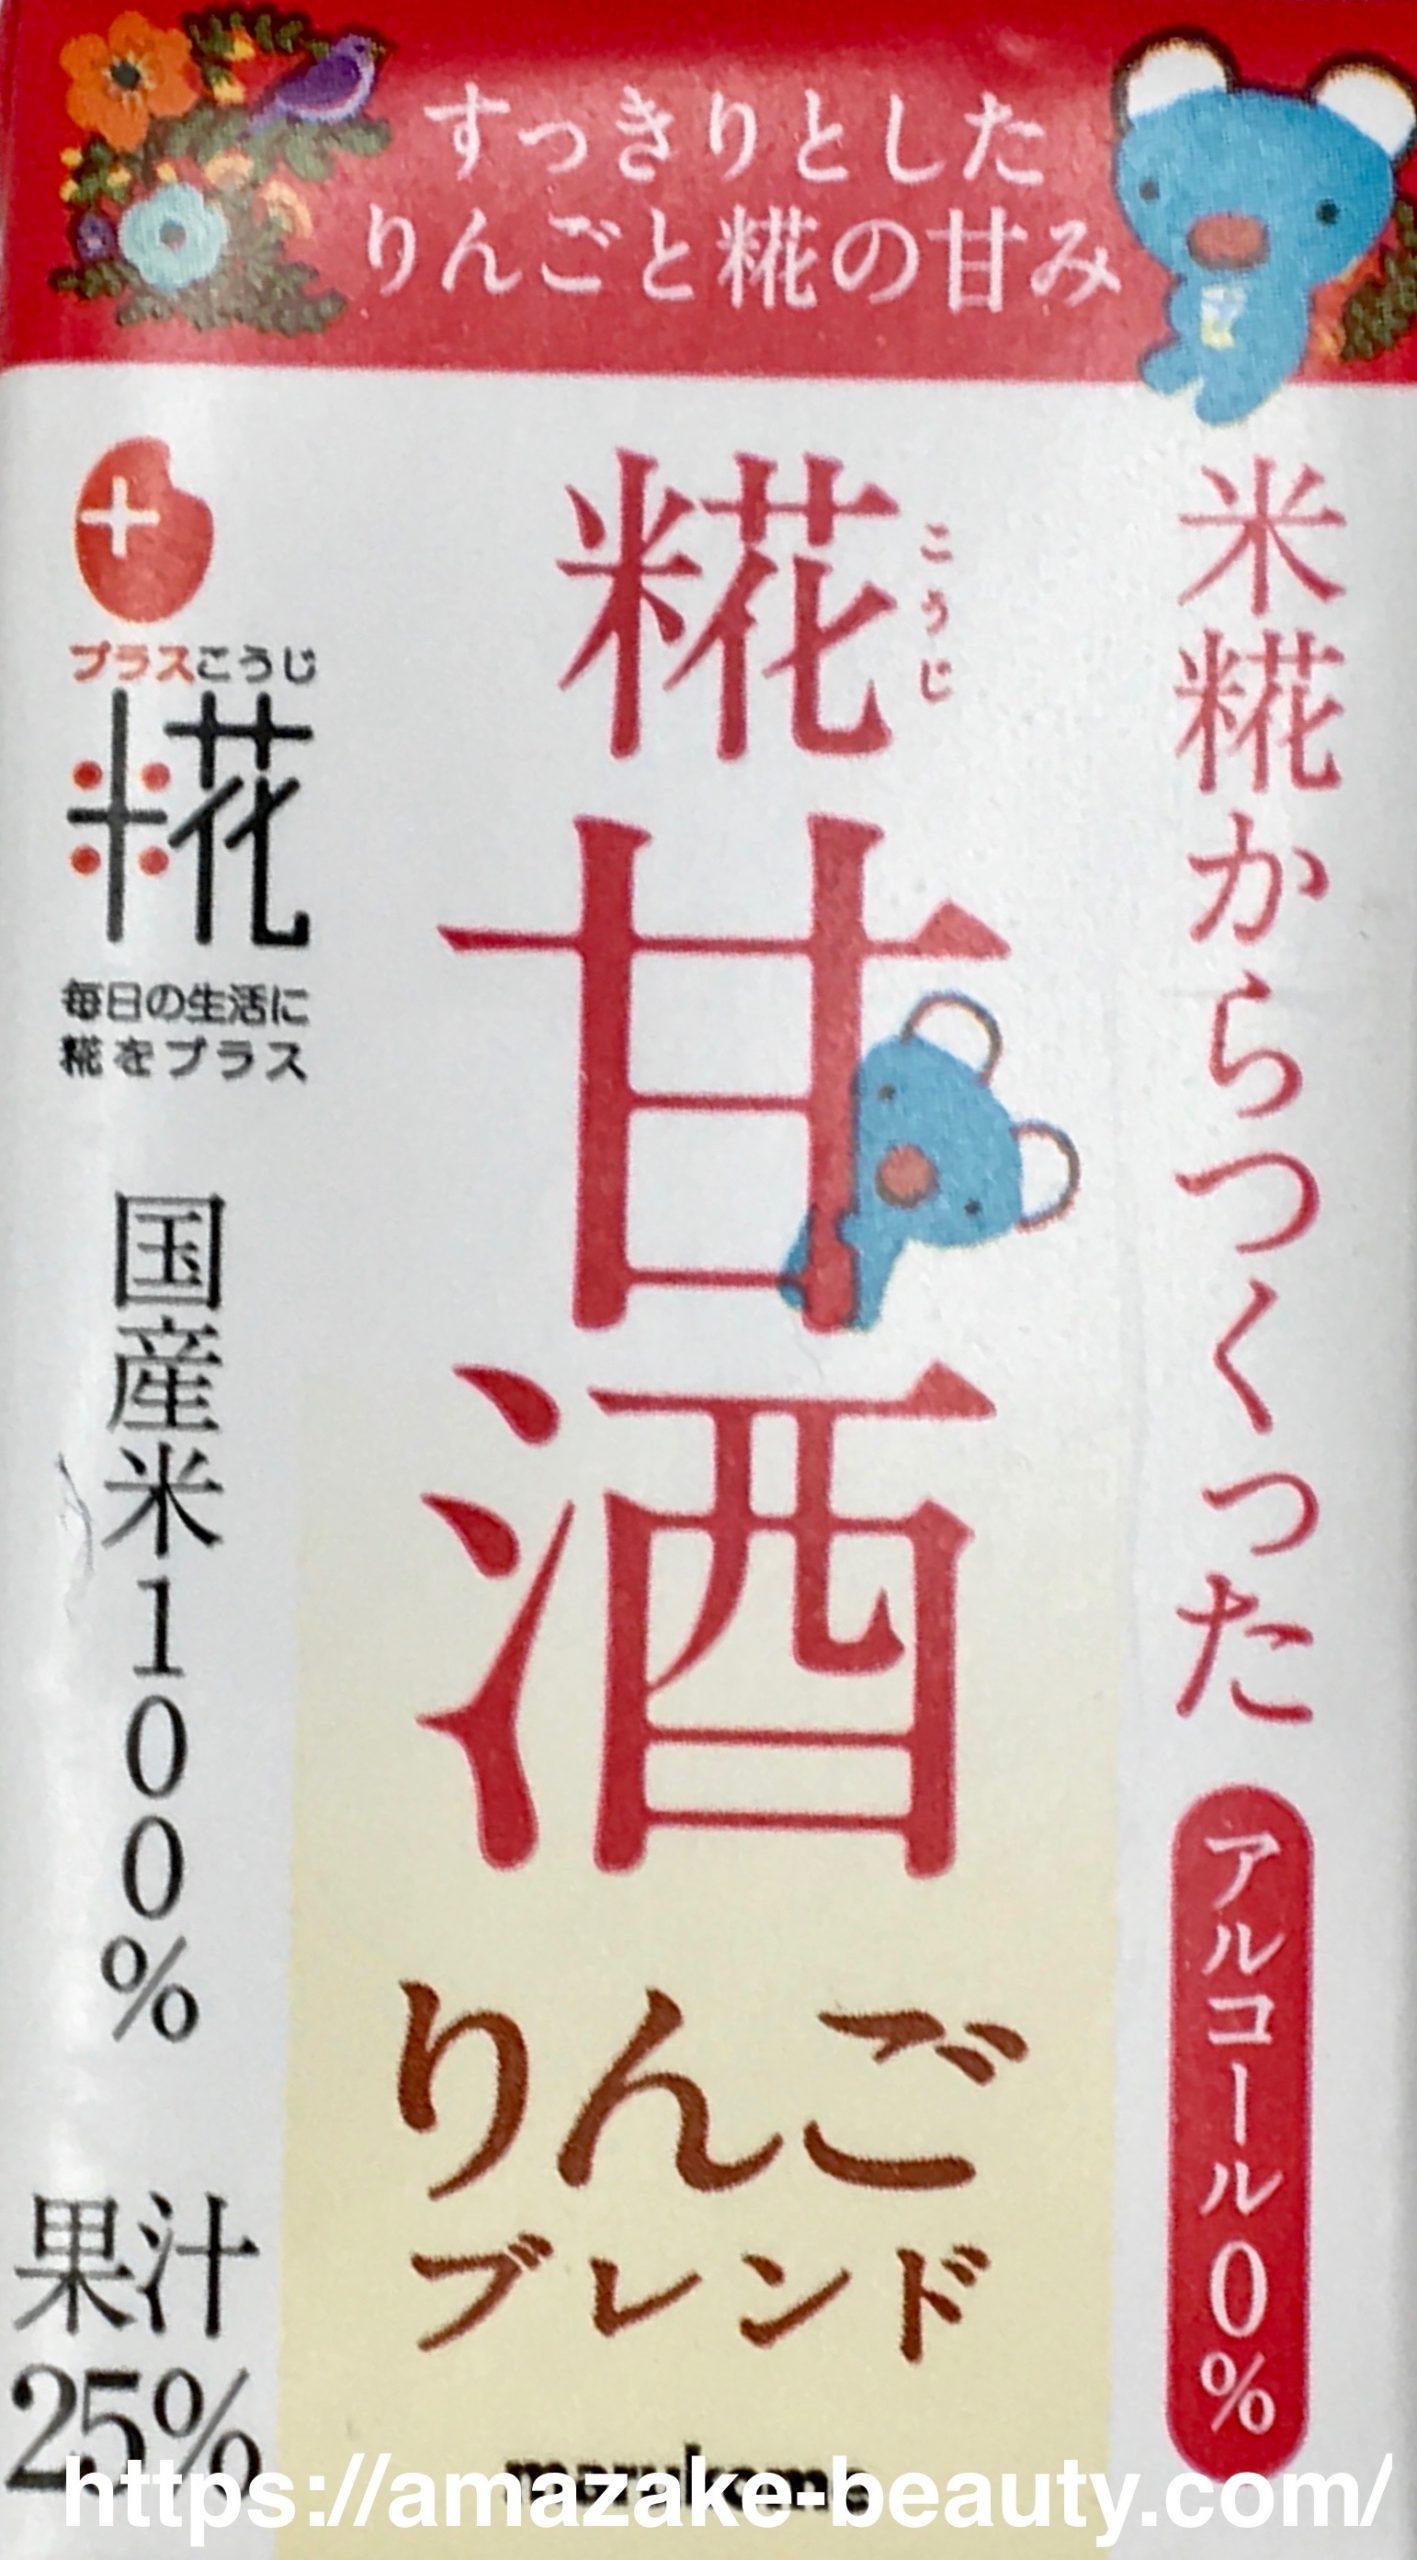 【甘酒】マルコメ『糀甘酒(りんご)』(パッケージデザイン)